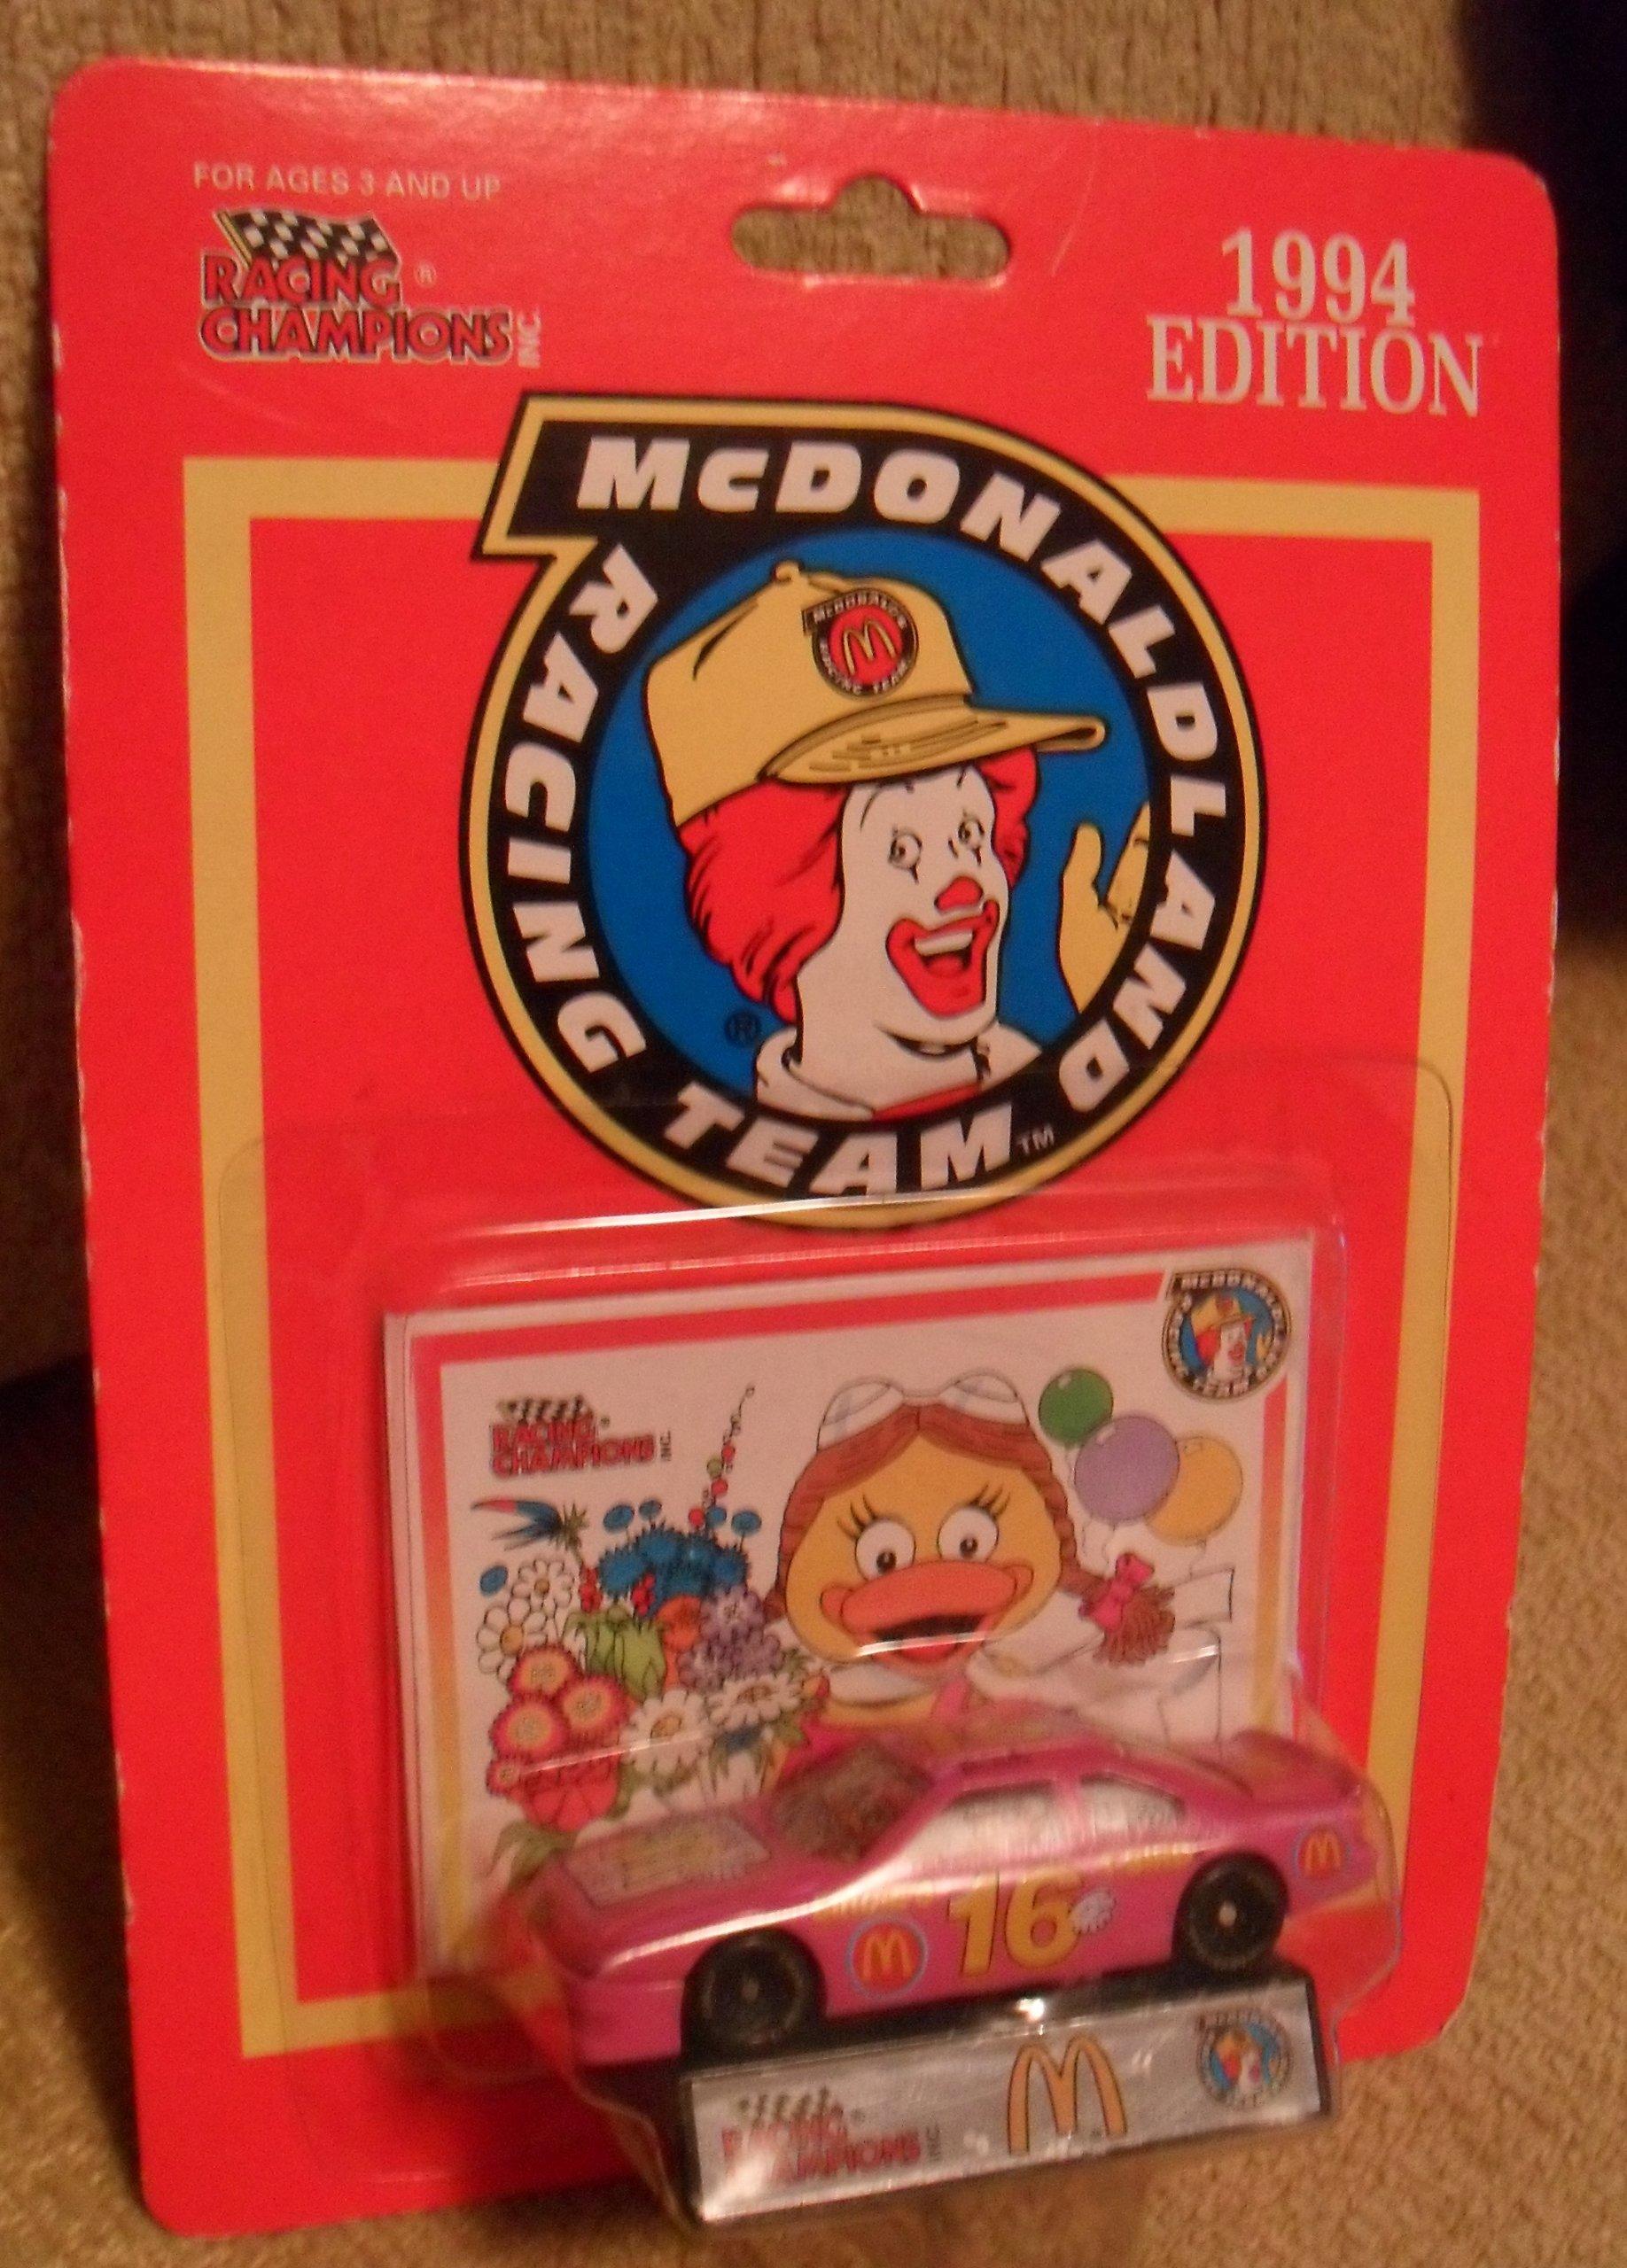 Racing Champions 1994 edition McDonald land racing team Pink car #16 birdie's t-bird RARE item